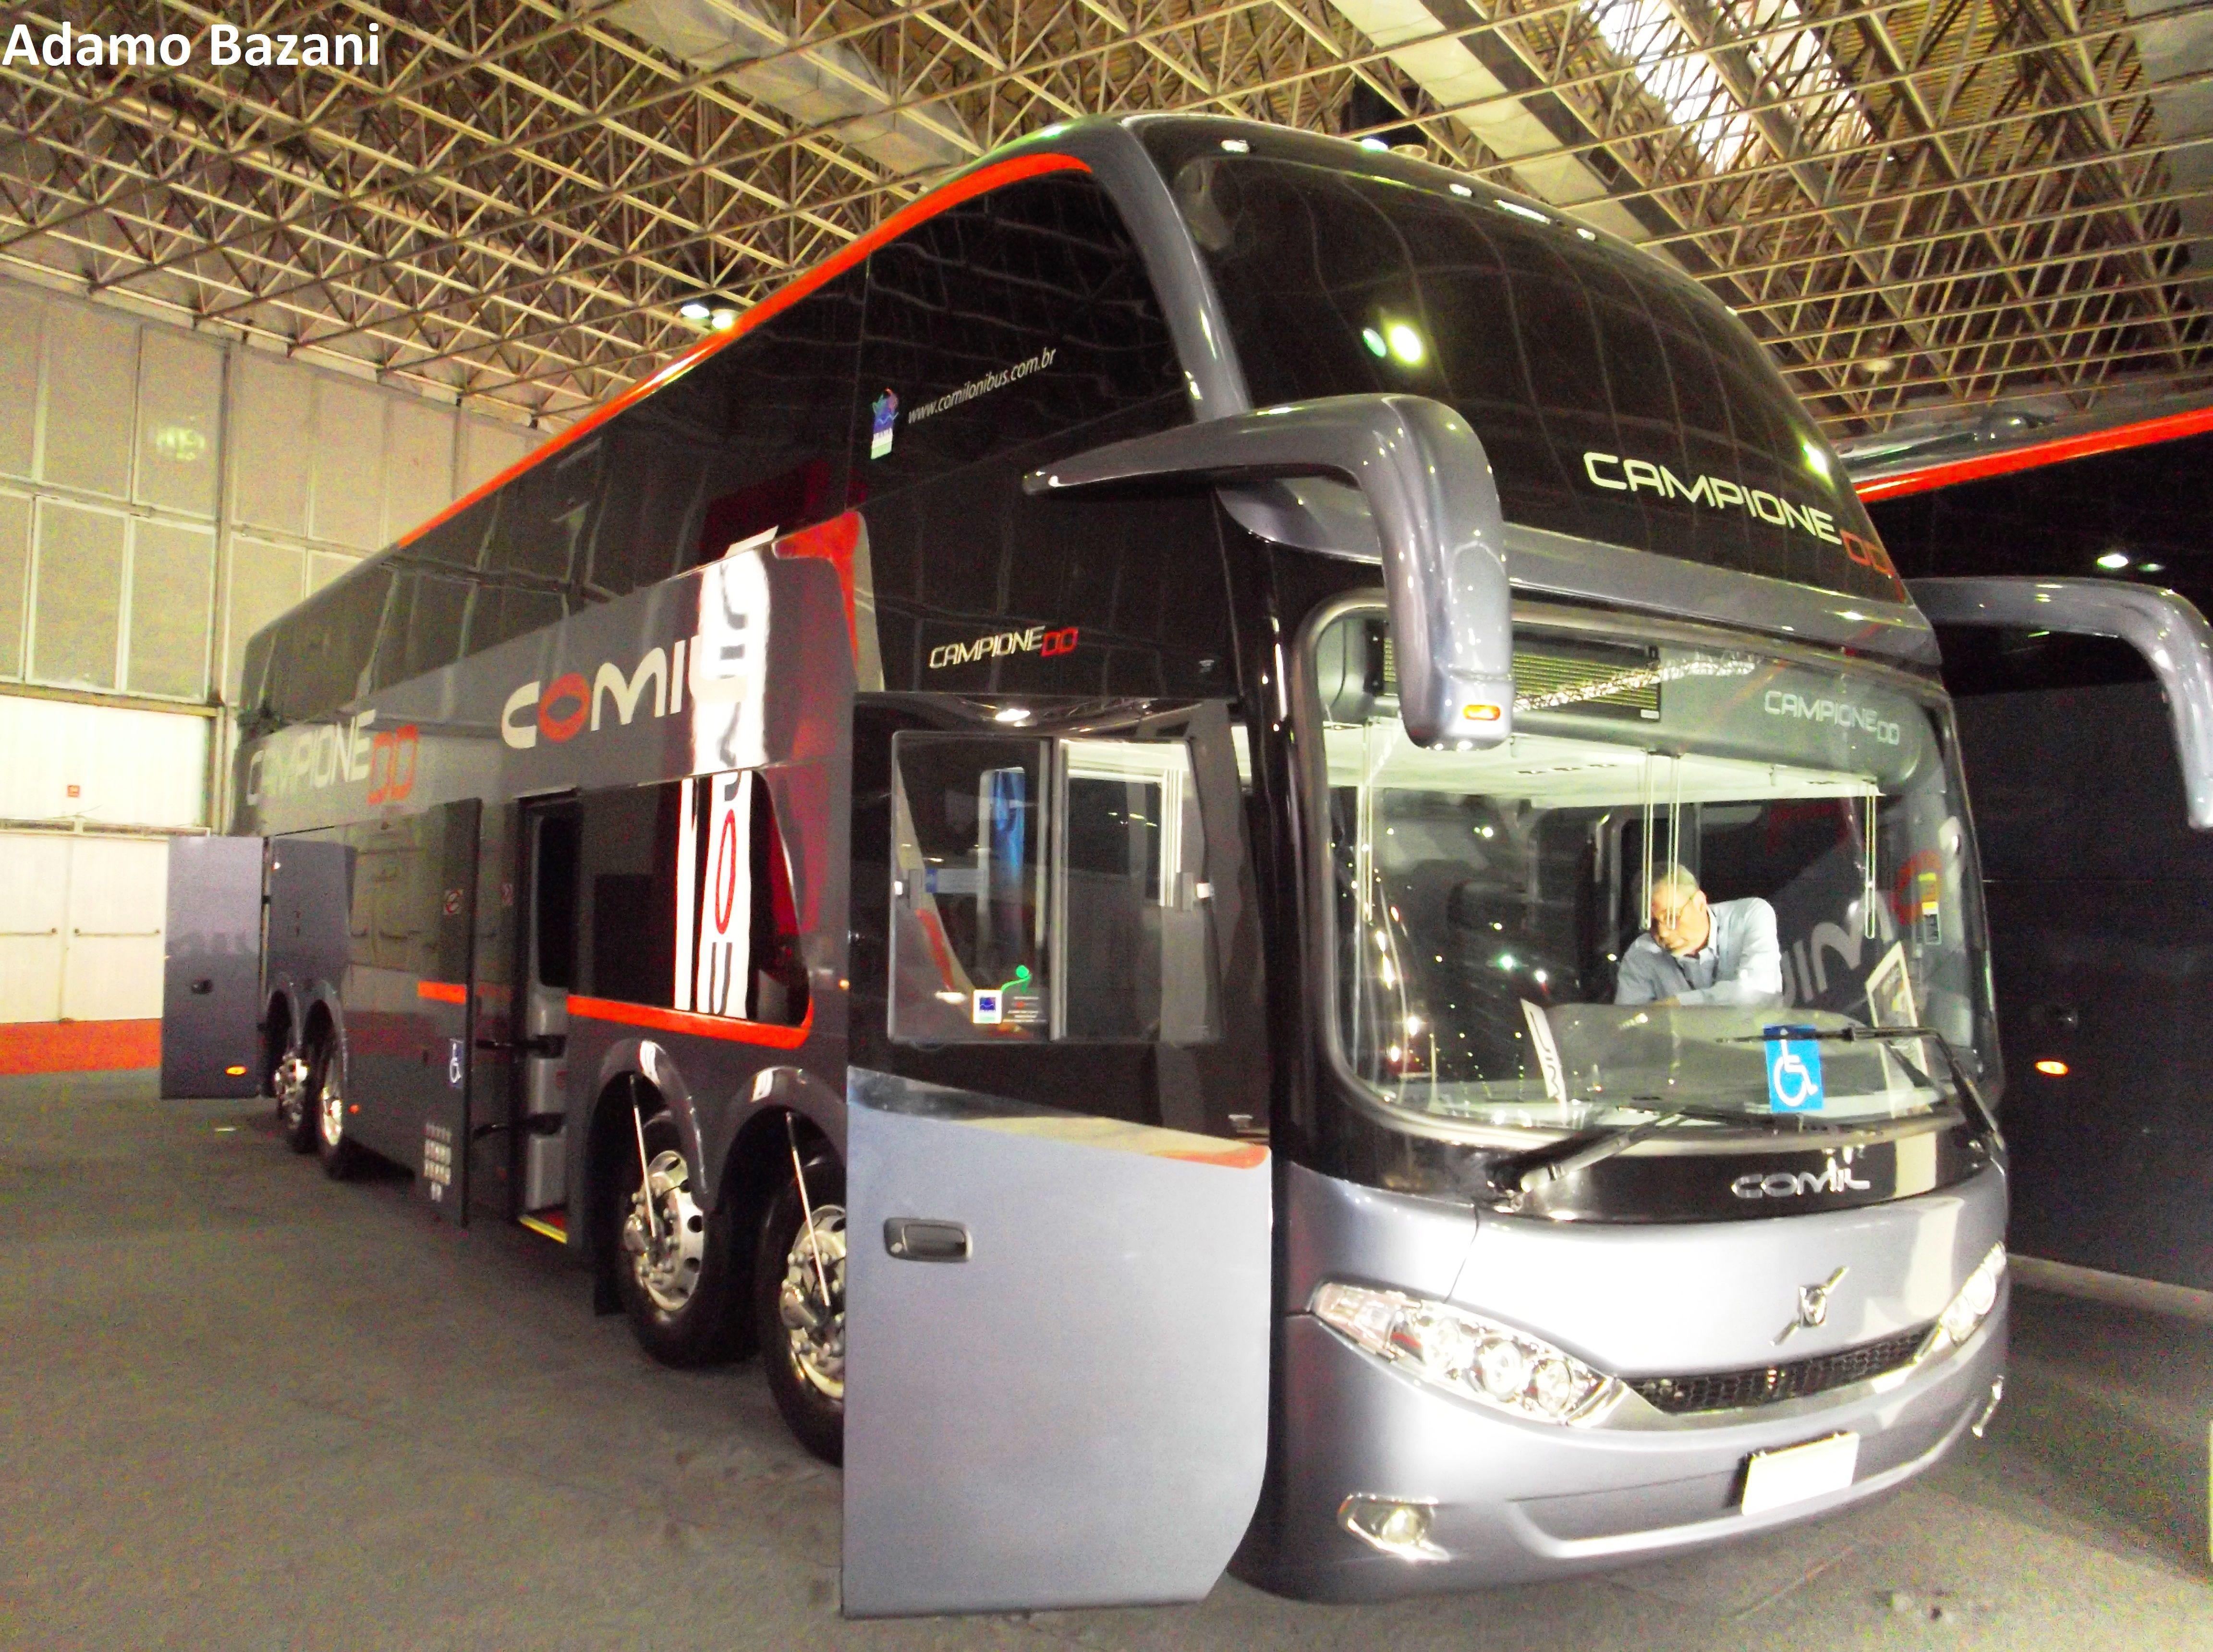 Coach Comil Campione DD   Projeto quer regulamentar ônibus de dois andares no Brasil https://blogpontodeonibus.wordpress.com/2015/01/07/projeto-quer-regulamentar-onibus-de-dois-andares-no-brasil/